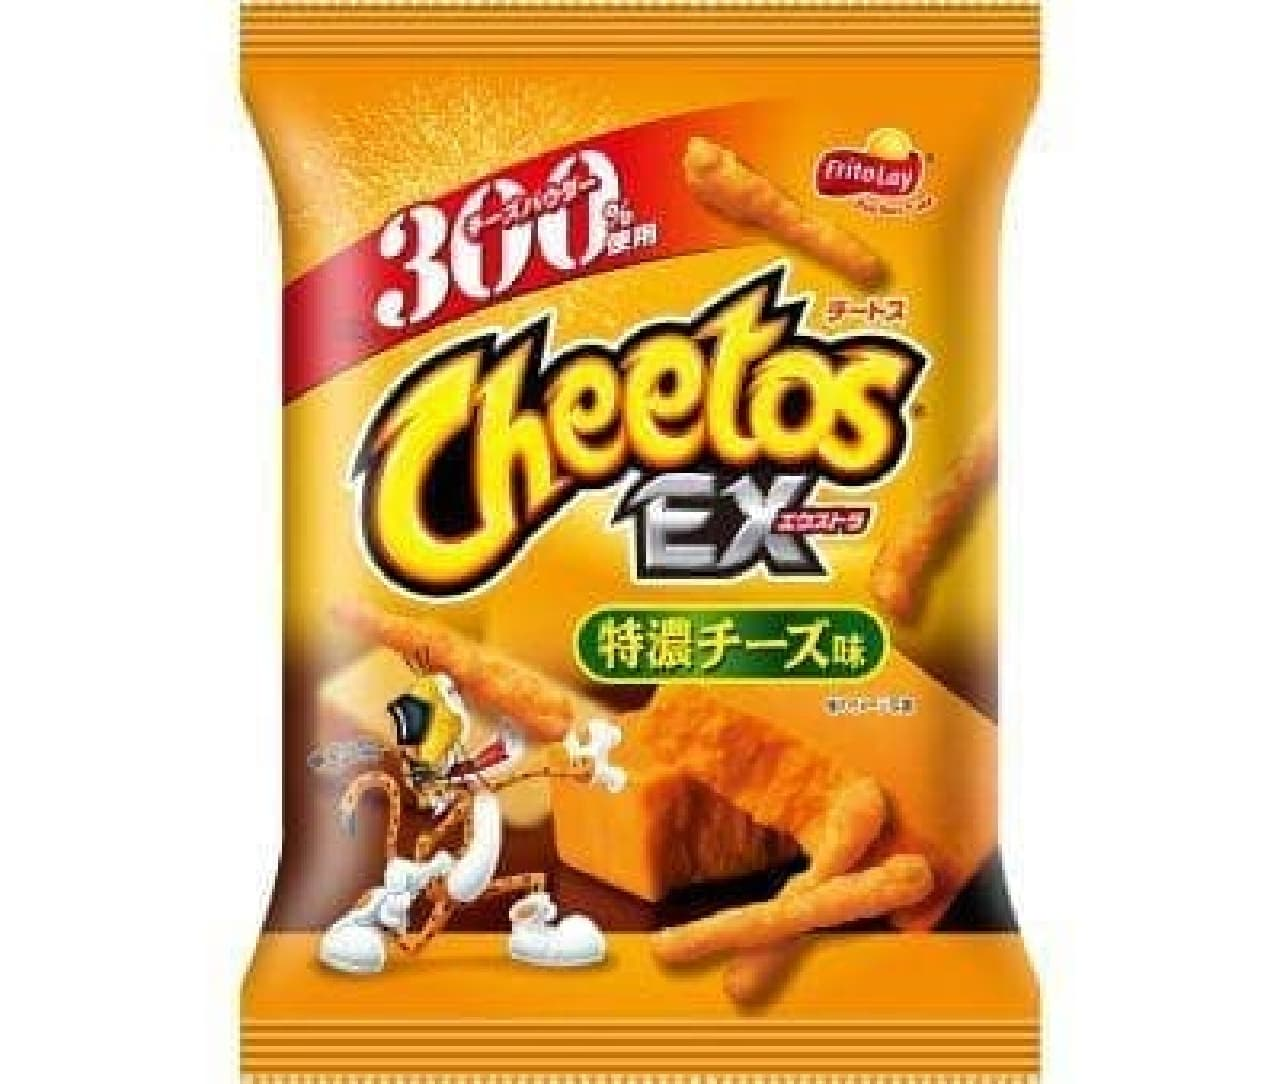 「チートスエクストラ特濃チーズ味」